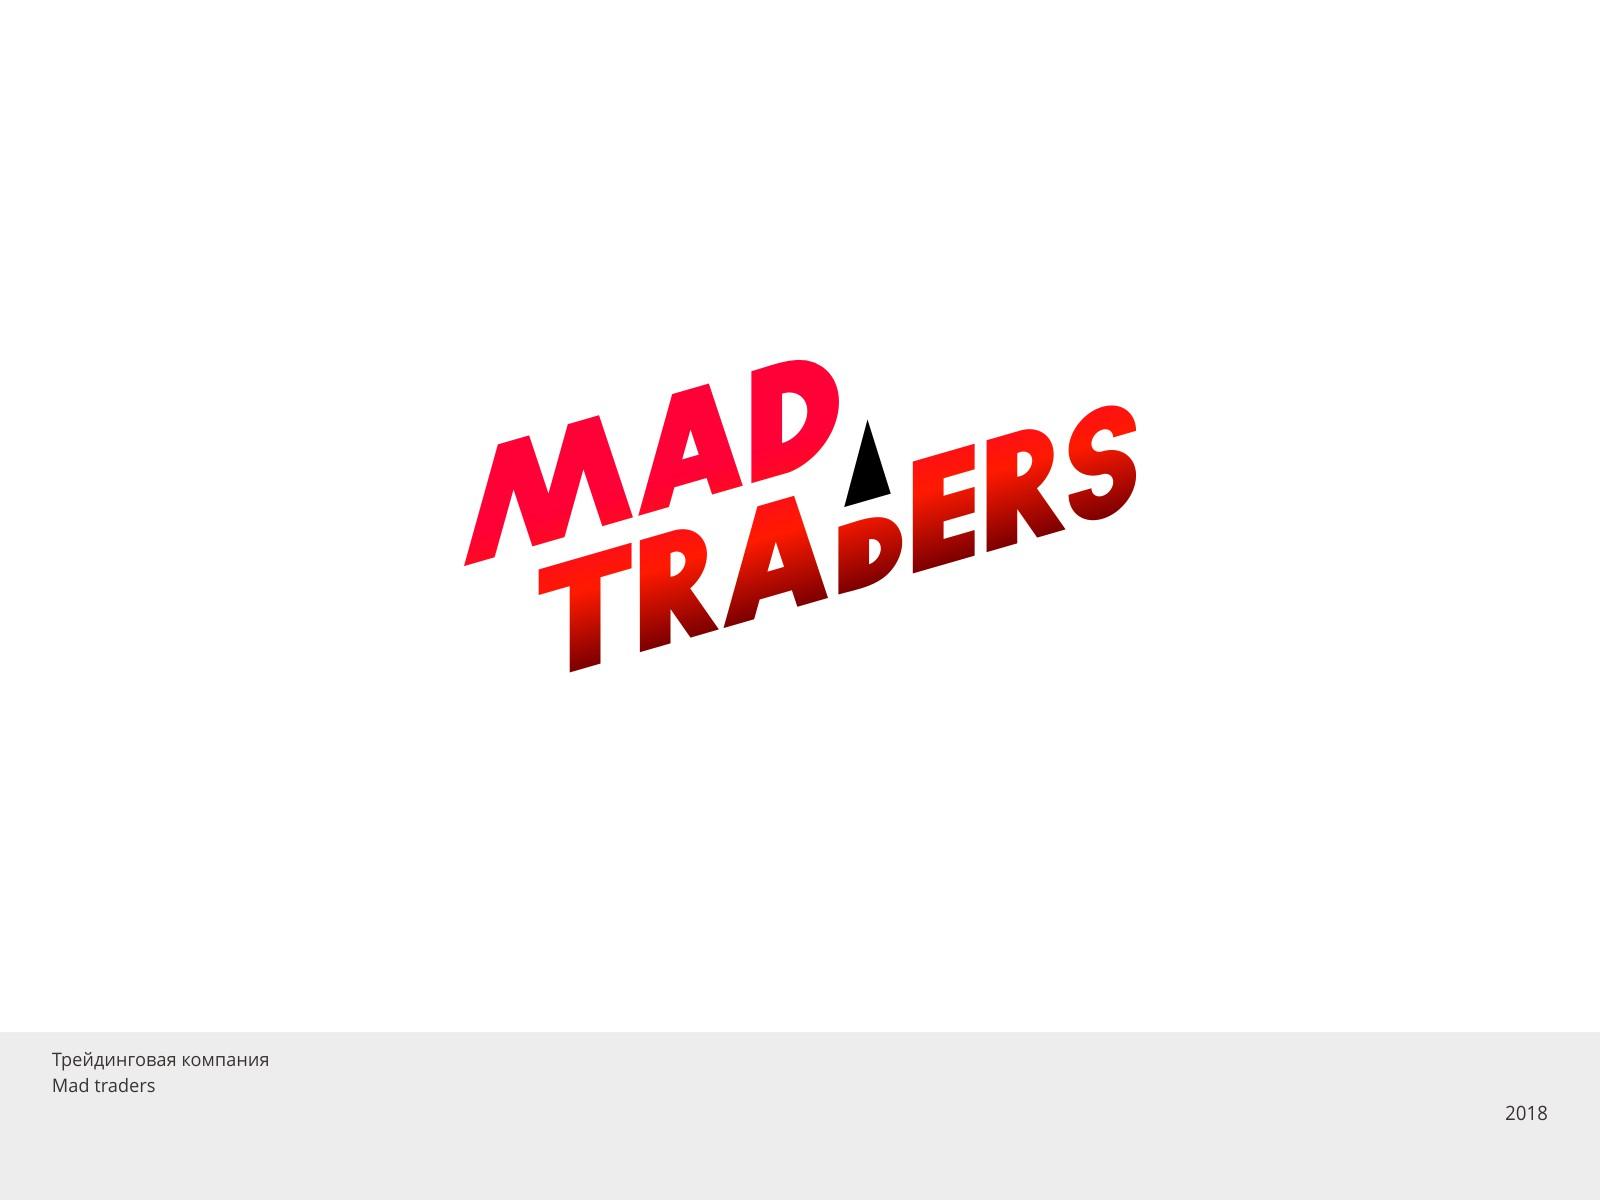 Логотип Mad Traders